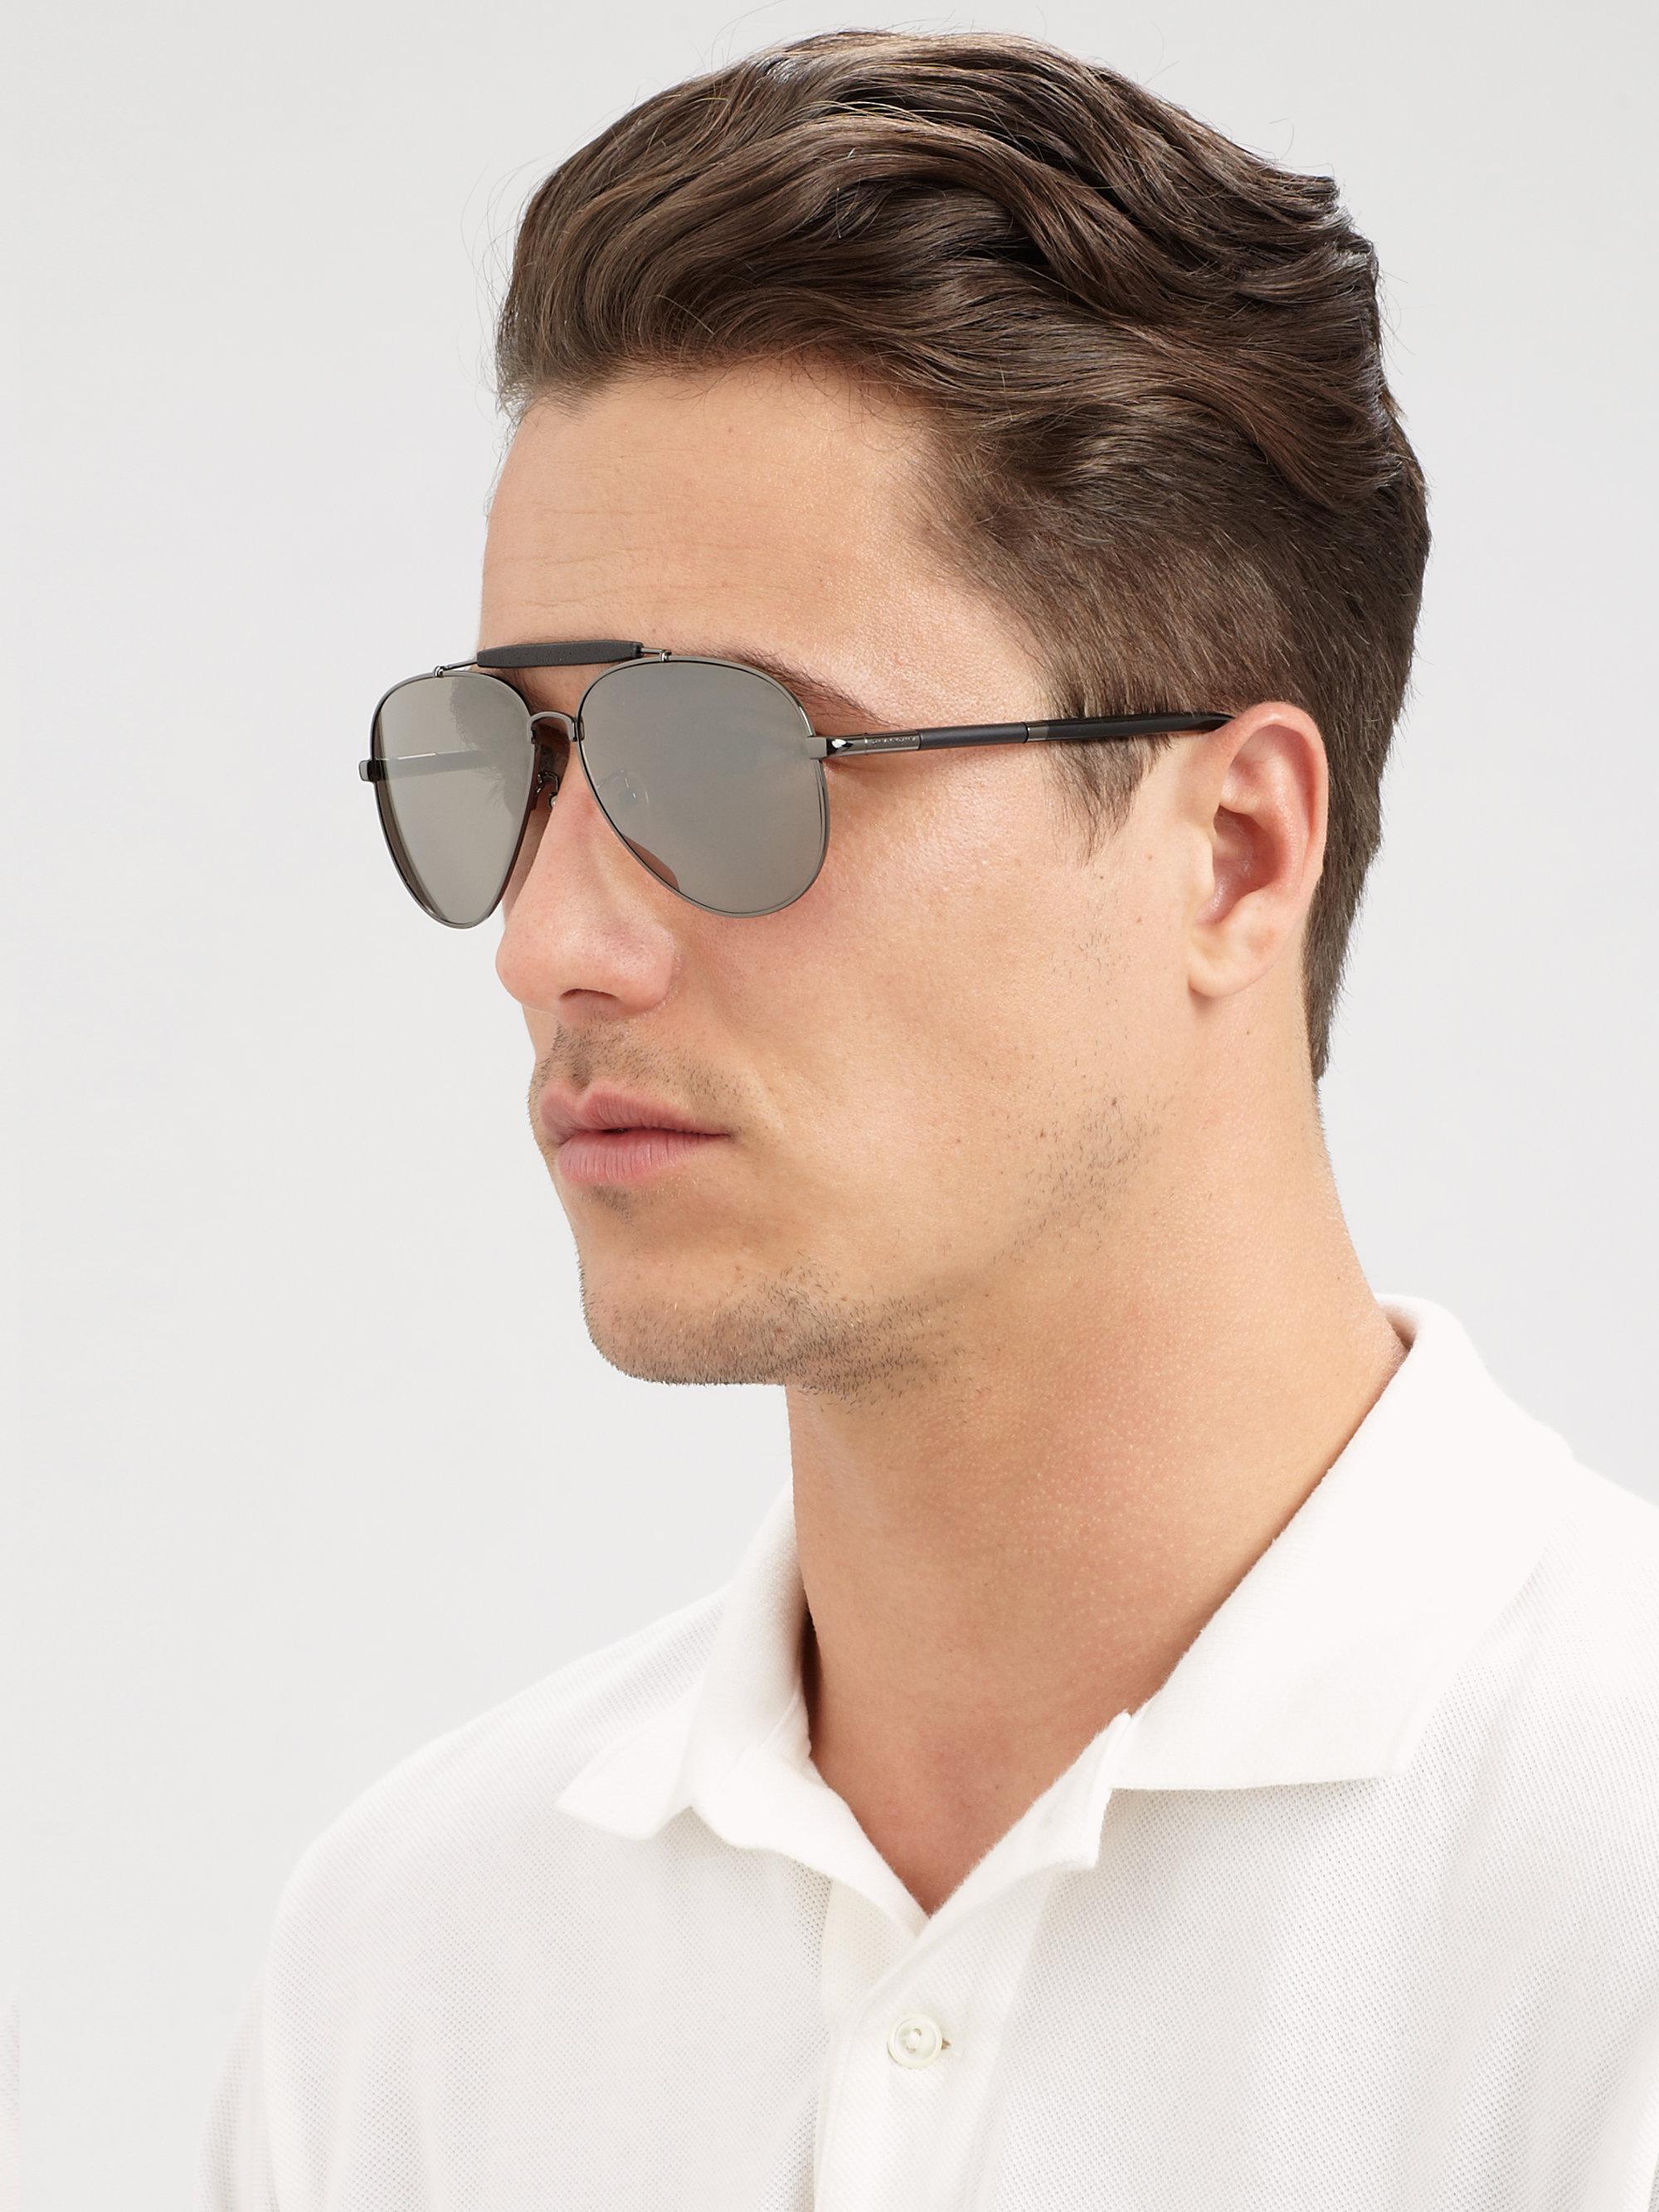 Gafas Givenchy de de aviador sol de metal wT7qF